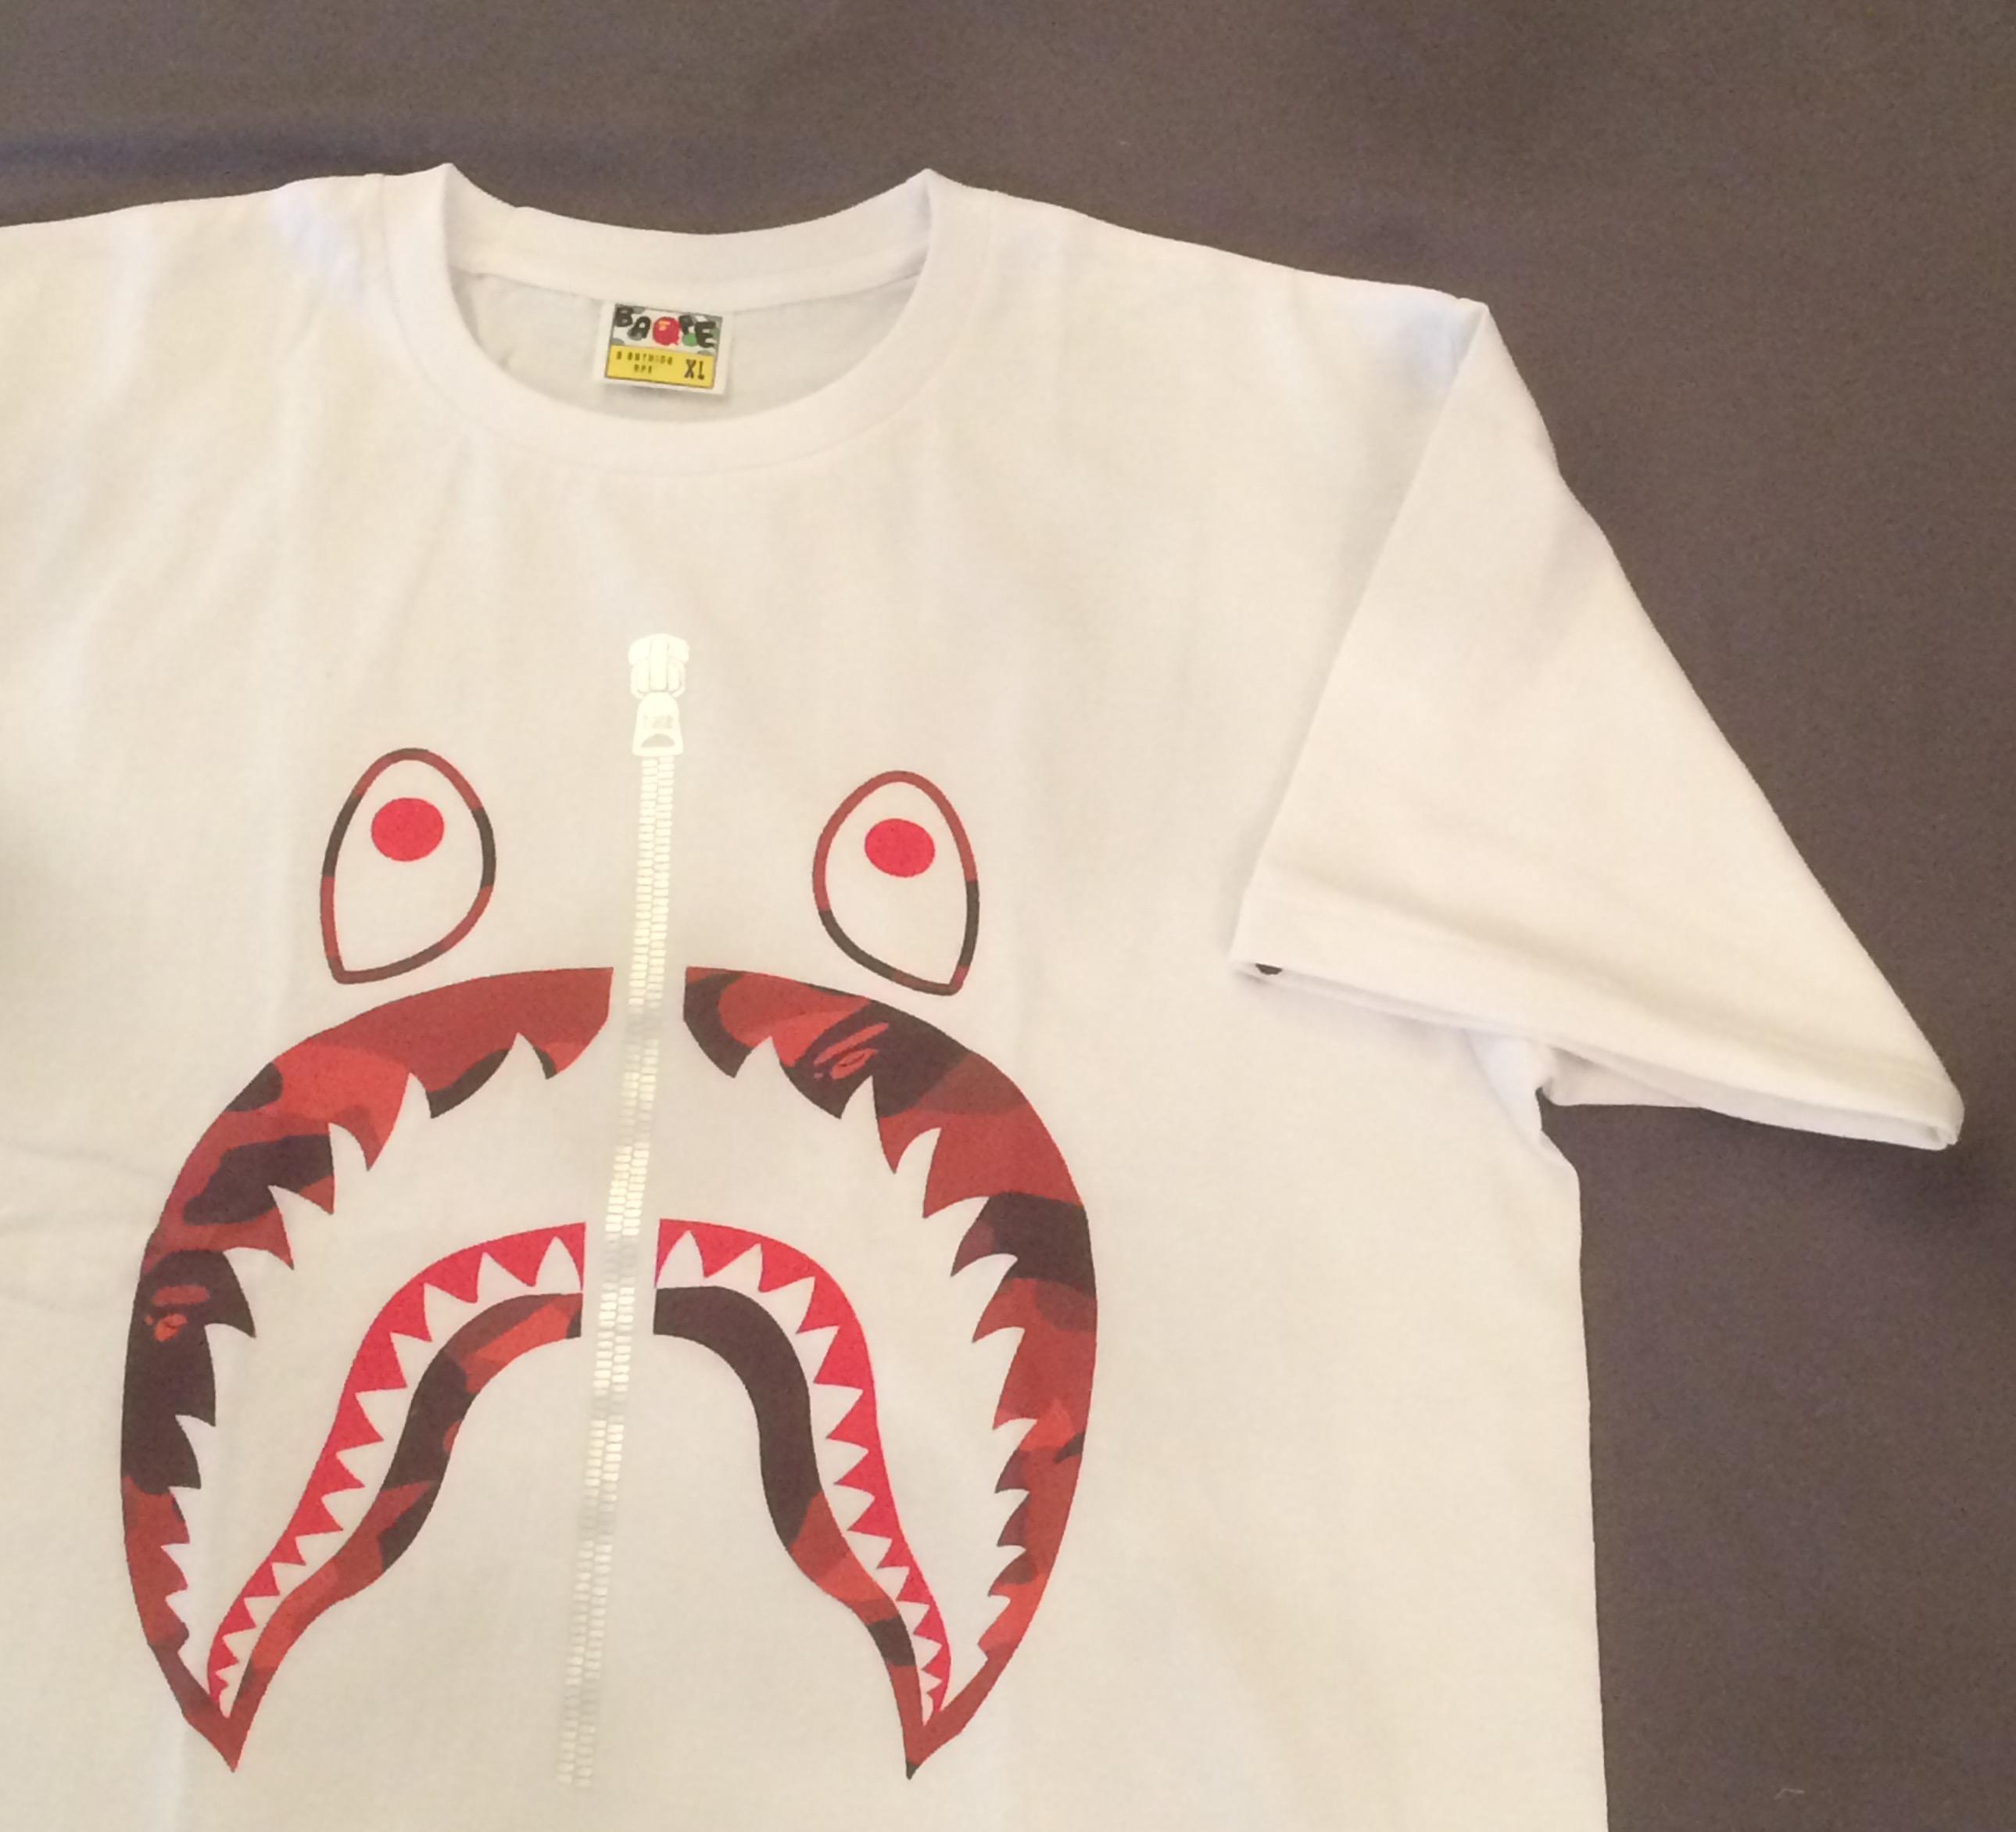 322f245f Bape ×. New Bape 1st Color Camo Shark Tee T Shirt White x Red Camo A Bathing  Ape Supreme Large. Size: US L / EU 52-54 ...